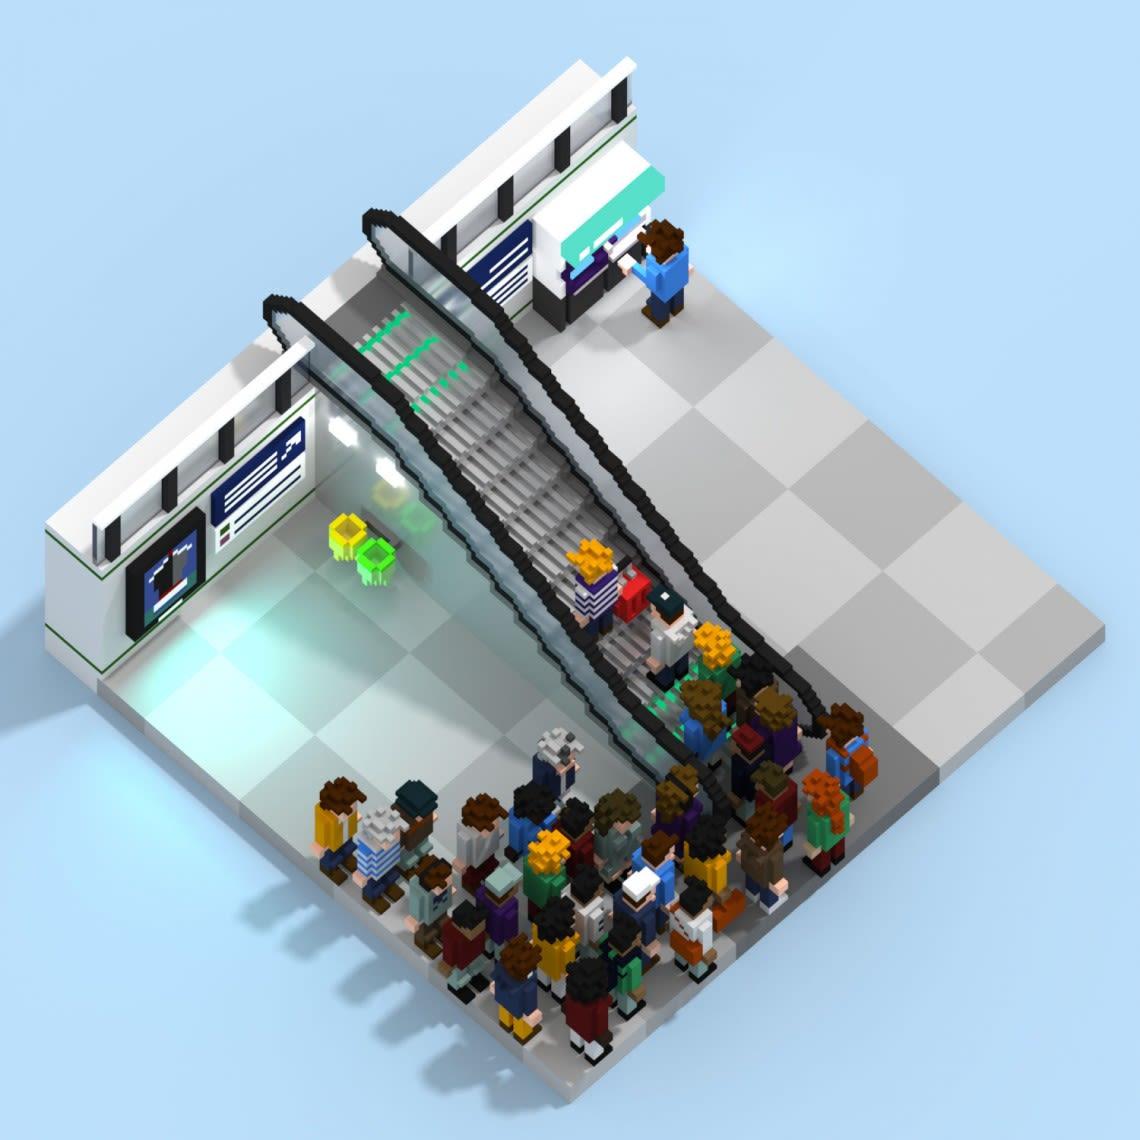 Voxels frais, voxels variés Conception,Direction Artistique,3D,Voxel,Illustration